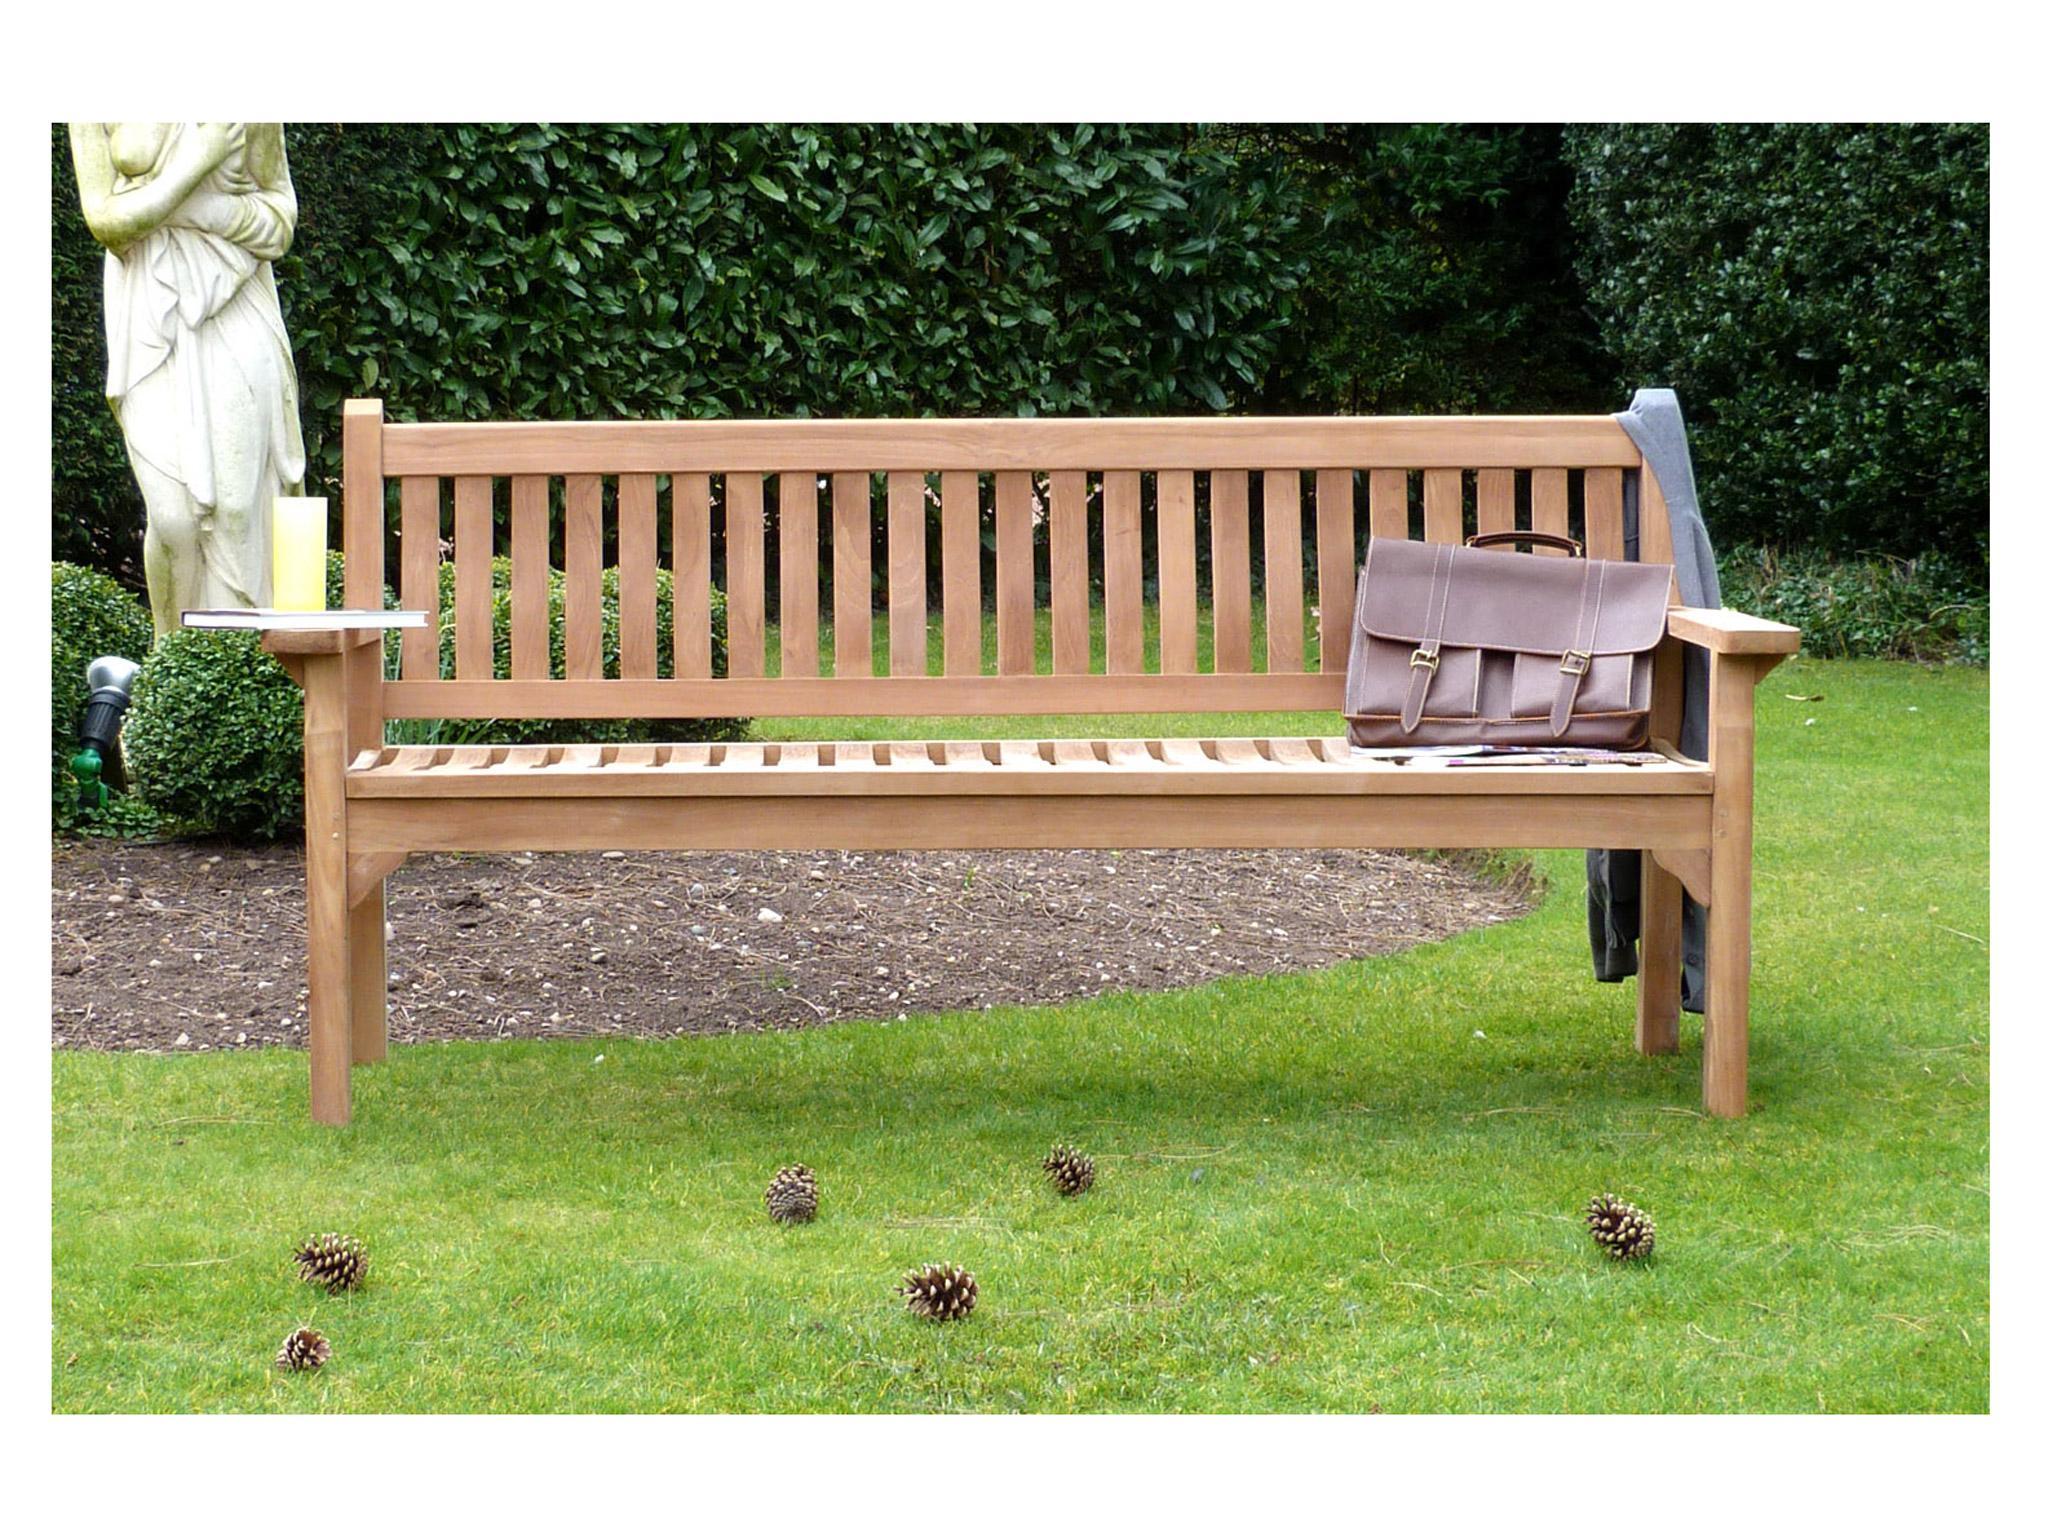 Gardenbenches westminster teak garden bench 150cm £249 gardenbenches